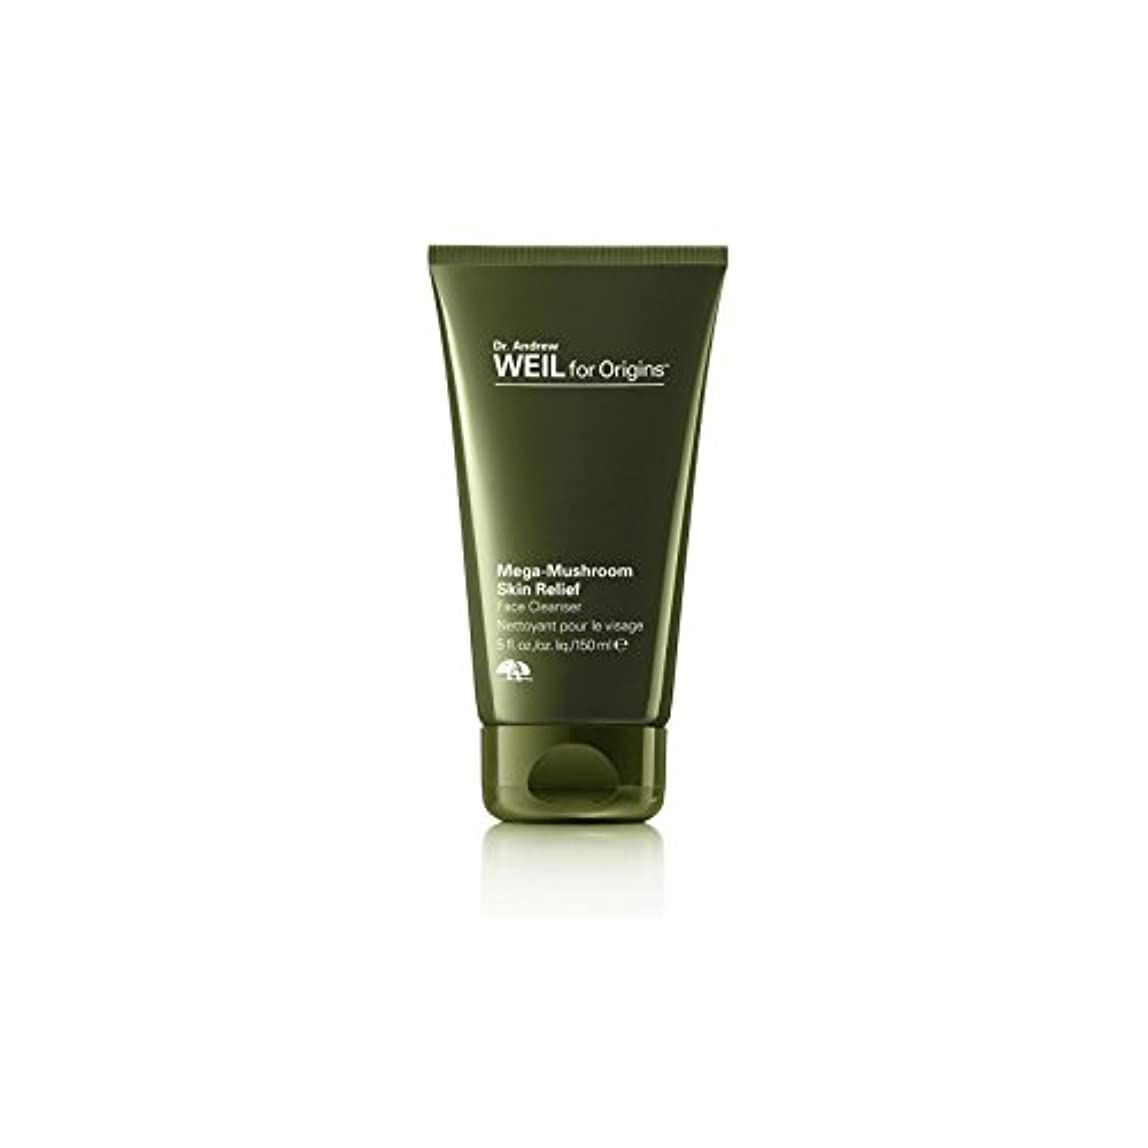 行く酸っぱい第二起源アンドルー?ワイル起源メガキノコ皮膚救済顔クレンザー150ミリリットルのために x2 - Origins Dr. Andrew Weil For Origins Mega-Mushroom Skin Relief Face...